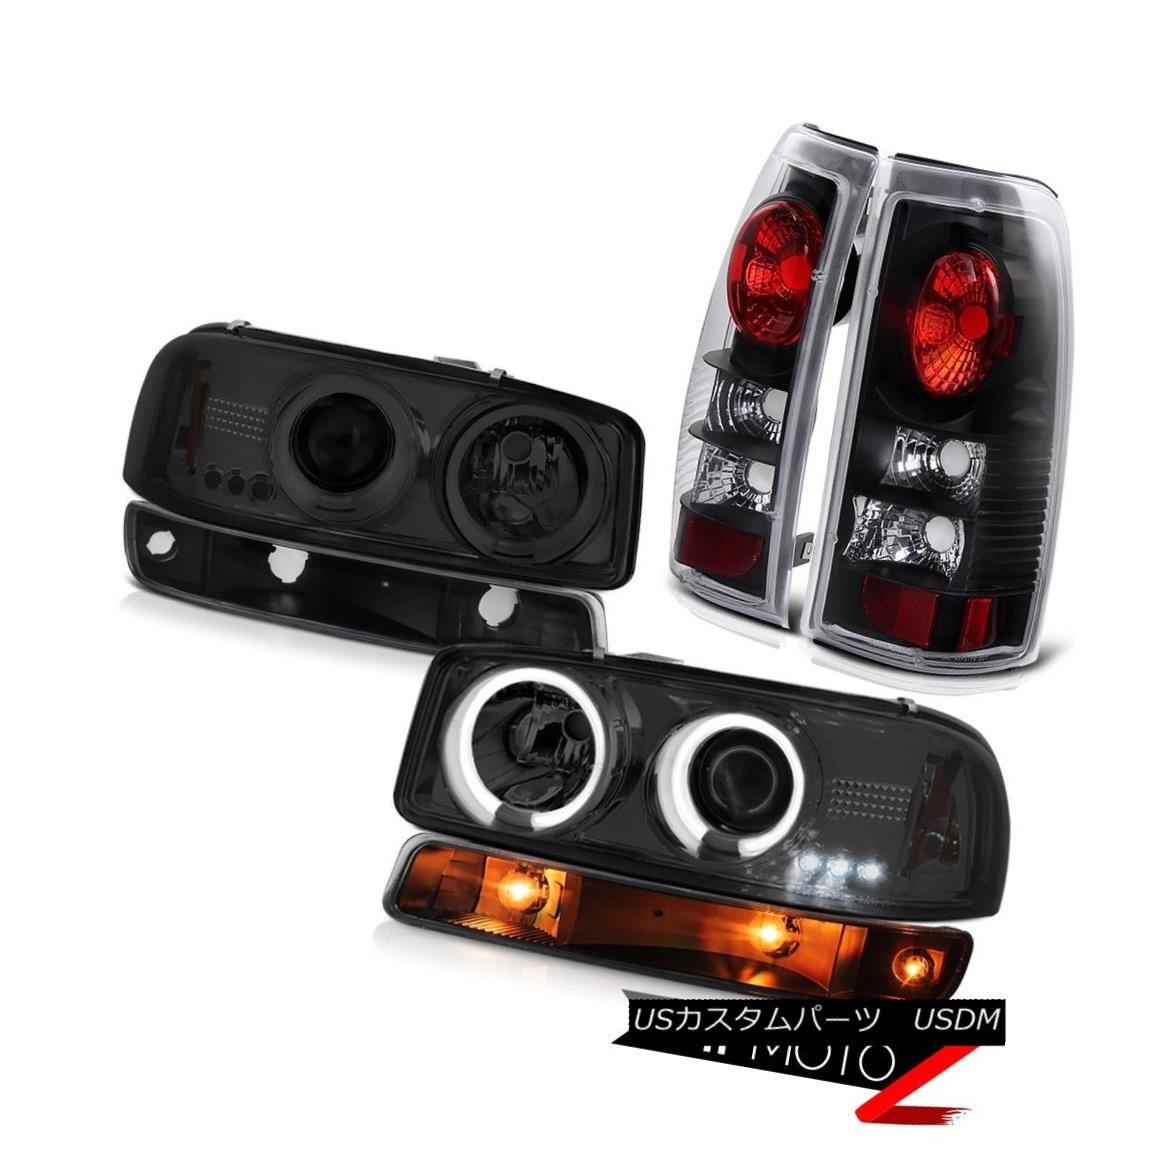 ヘッドライト 99 00 01 02 GMC Sierra Nighthawk black tail lights bumper lamp ccfl headlamps 99 00 01 02 GMC Sierra Nighthawkブラックテールライトバンパーランプccflヘッドランプ画像